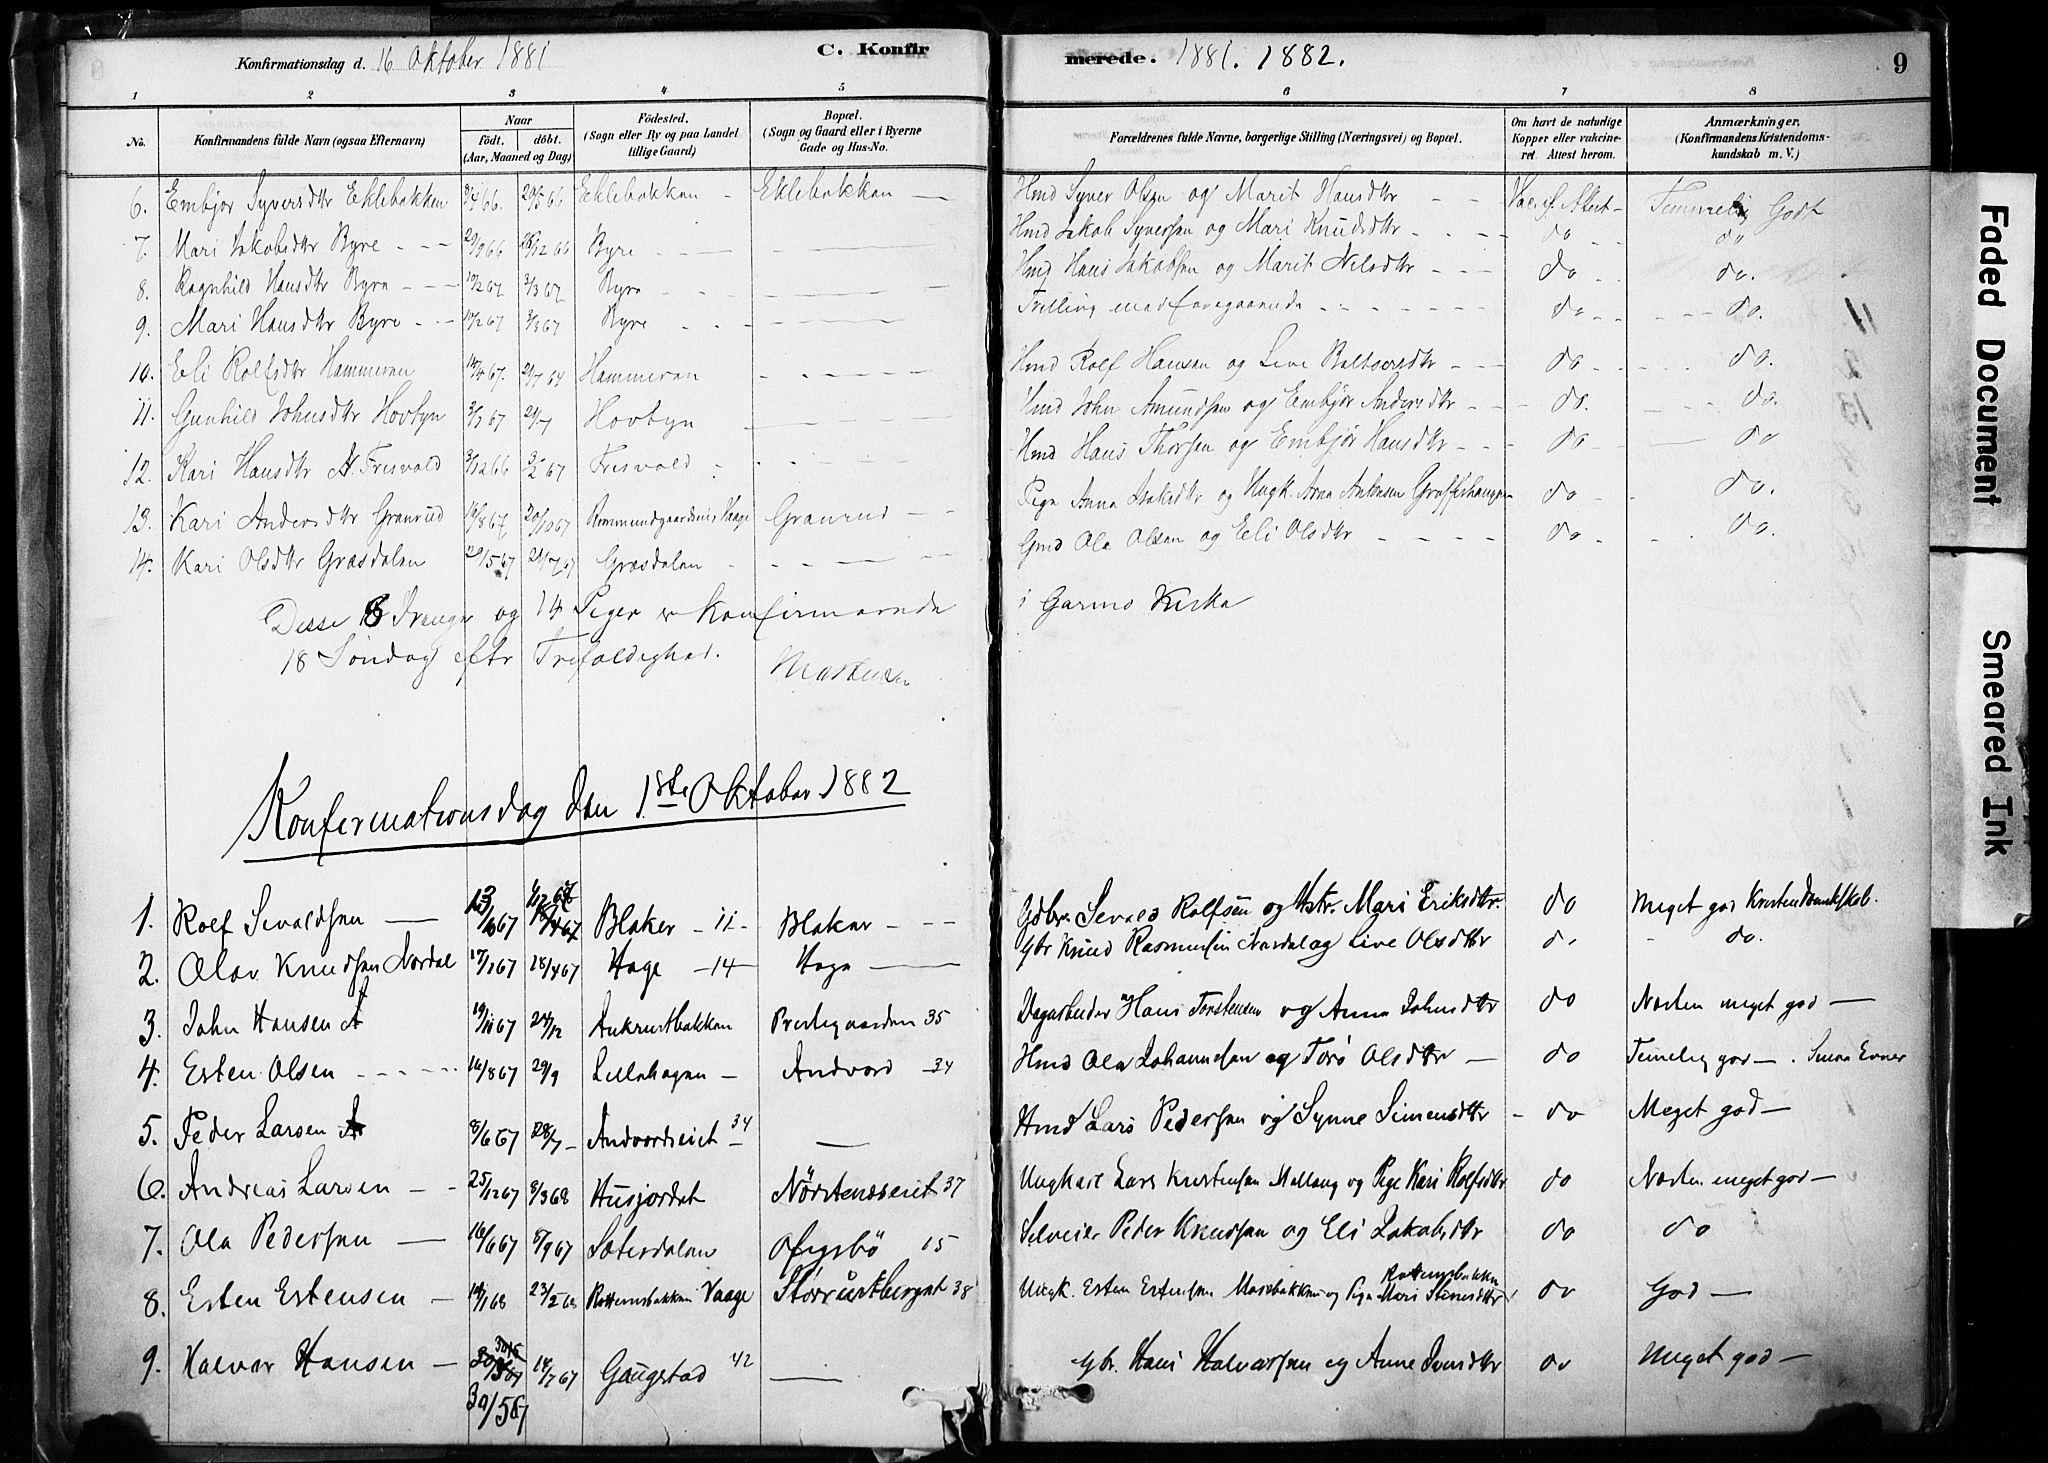 SAH, Lom prestekontor, K/L0009: Ministerialbok nr. 9, 1878-1907, s. 9